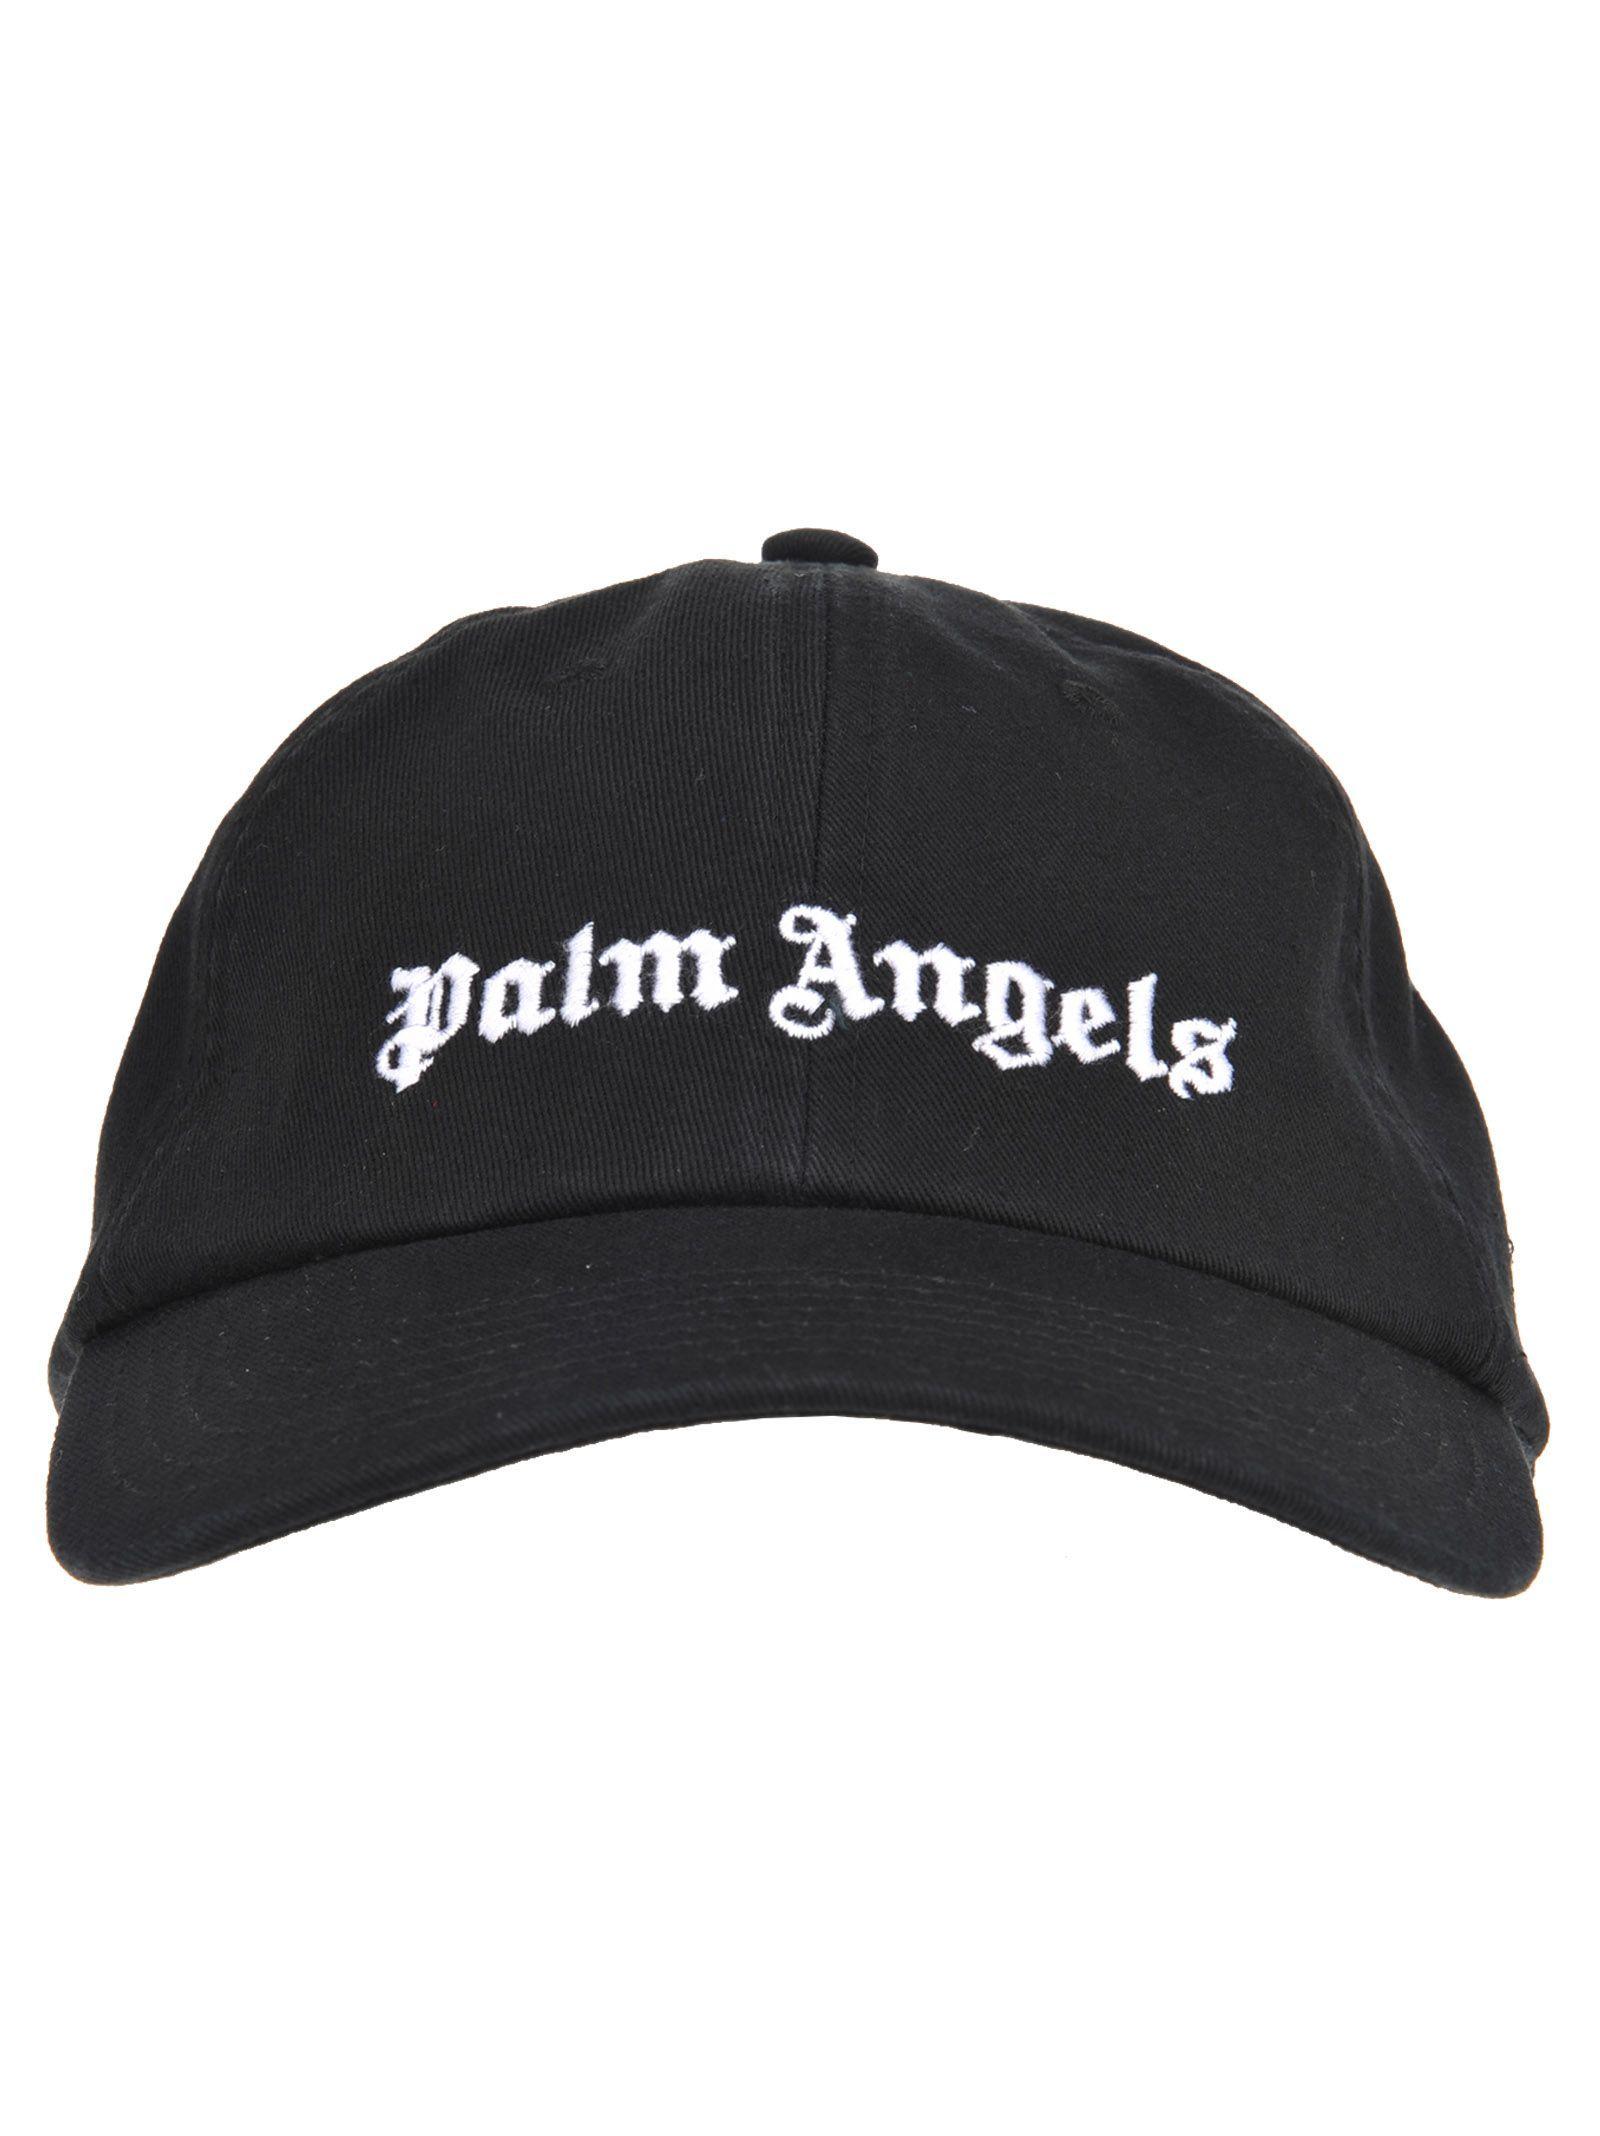 76b5b5e952d PALM ANGELS CAP CLASSIC.  palmangels